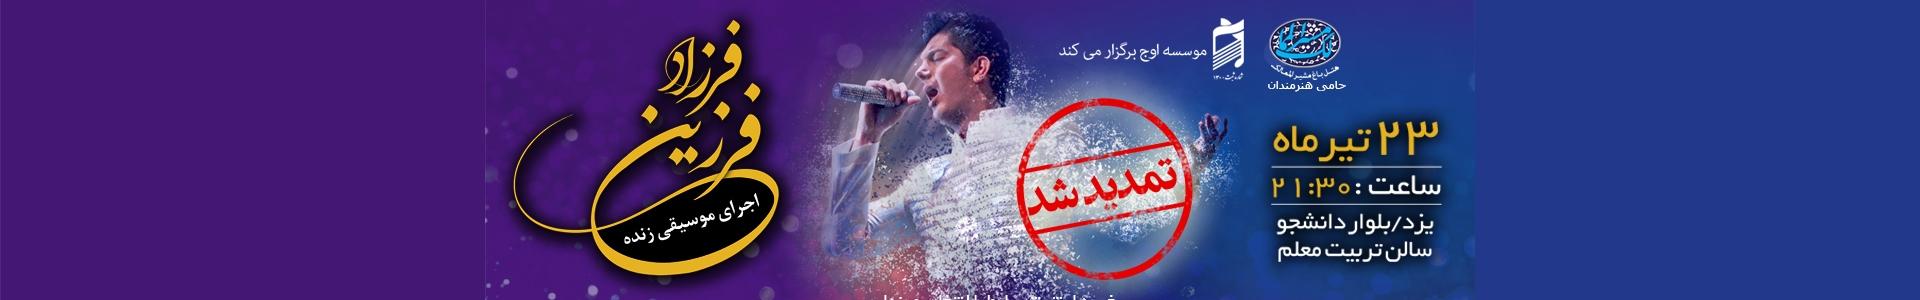 اجرای موسیقی زنده فرزاد فرزین - یزد